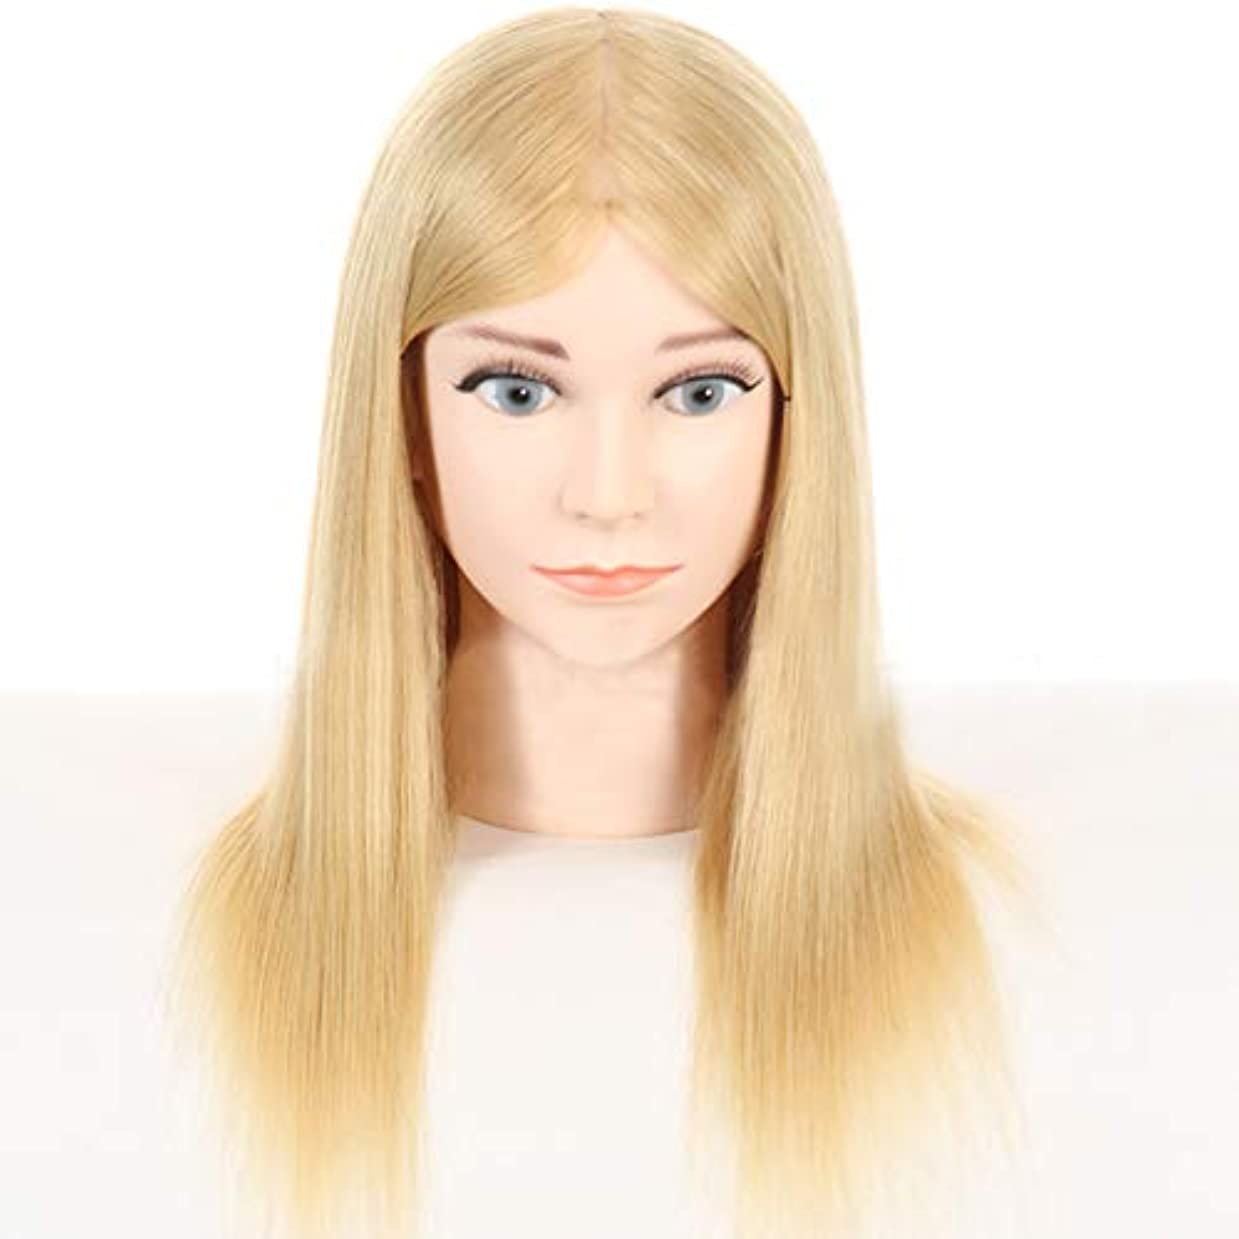 エピソード補う死傷者本物の人間の髪のかつらの頭の金型の理髪の髪型のスタイリングマネキンの頭の理髪店の練習の練習ダミーヘッド